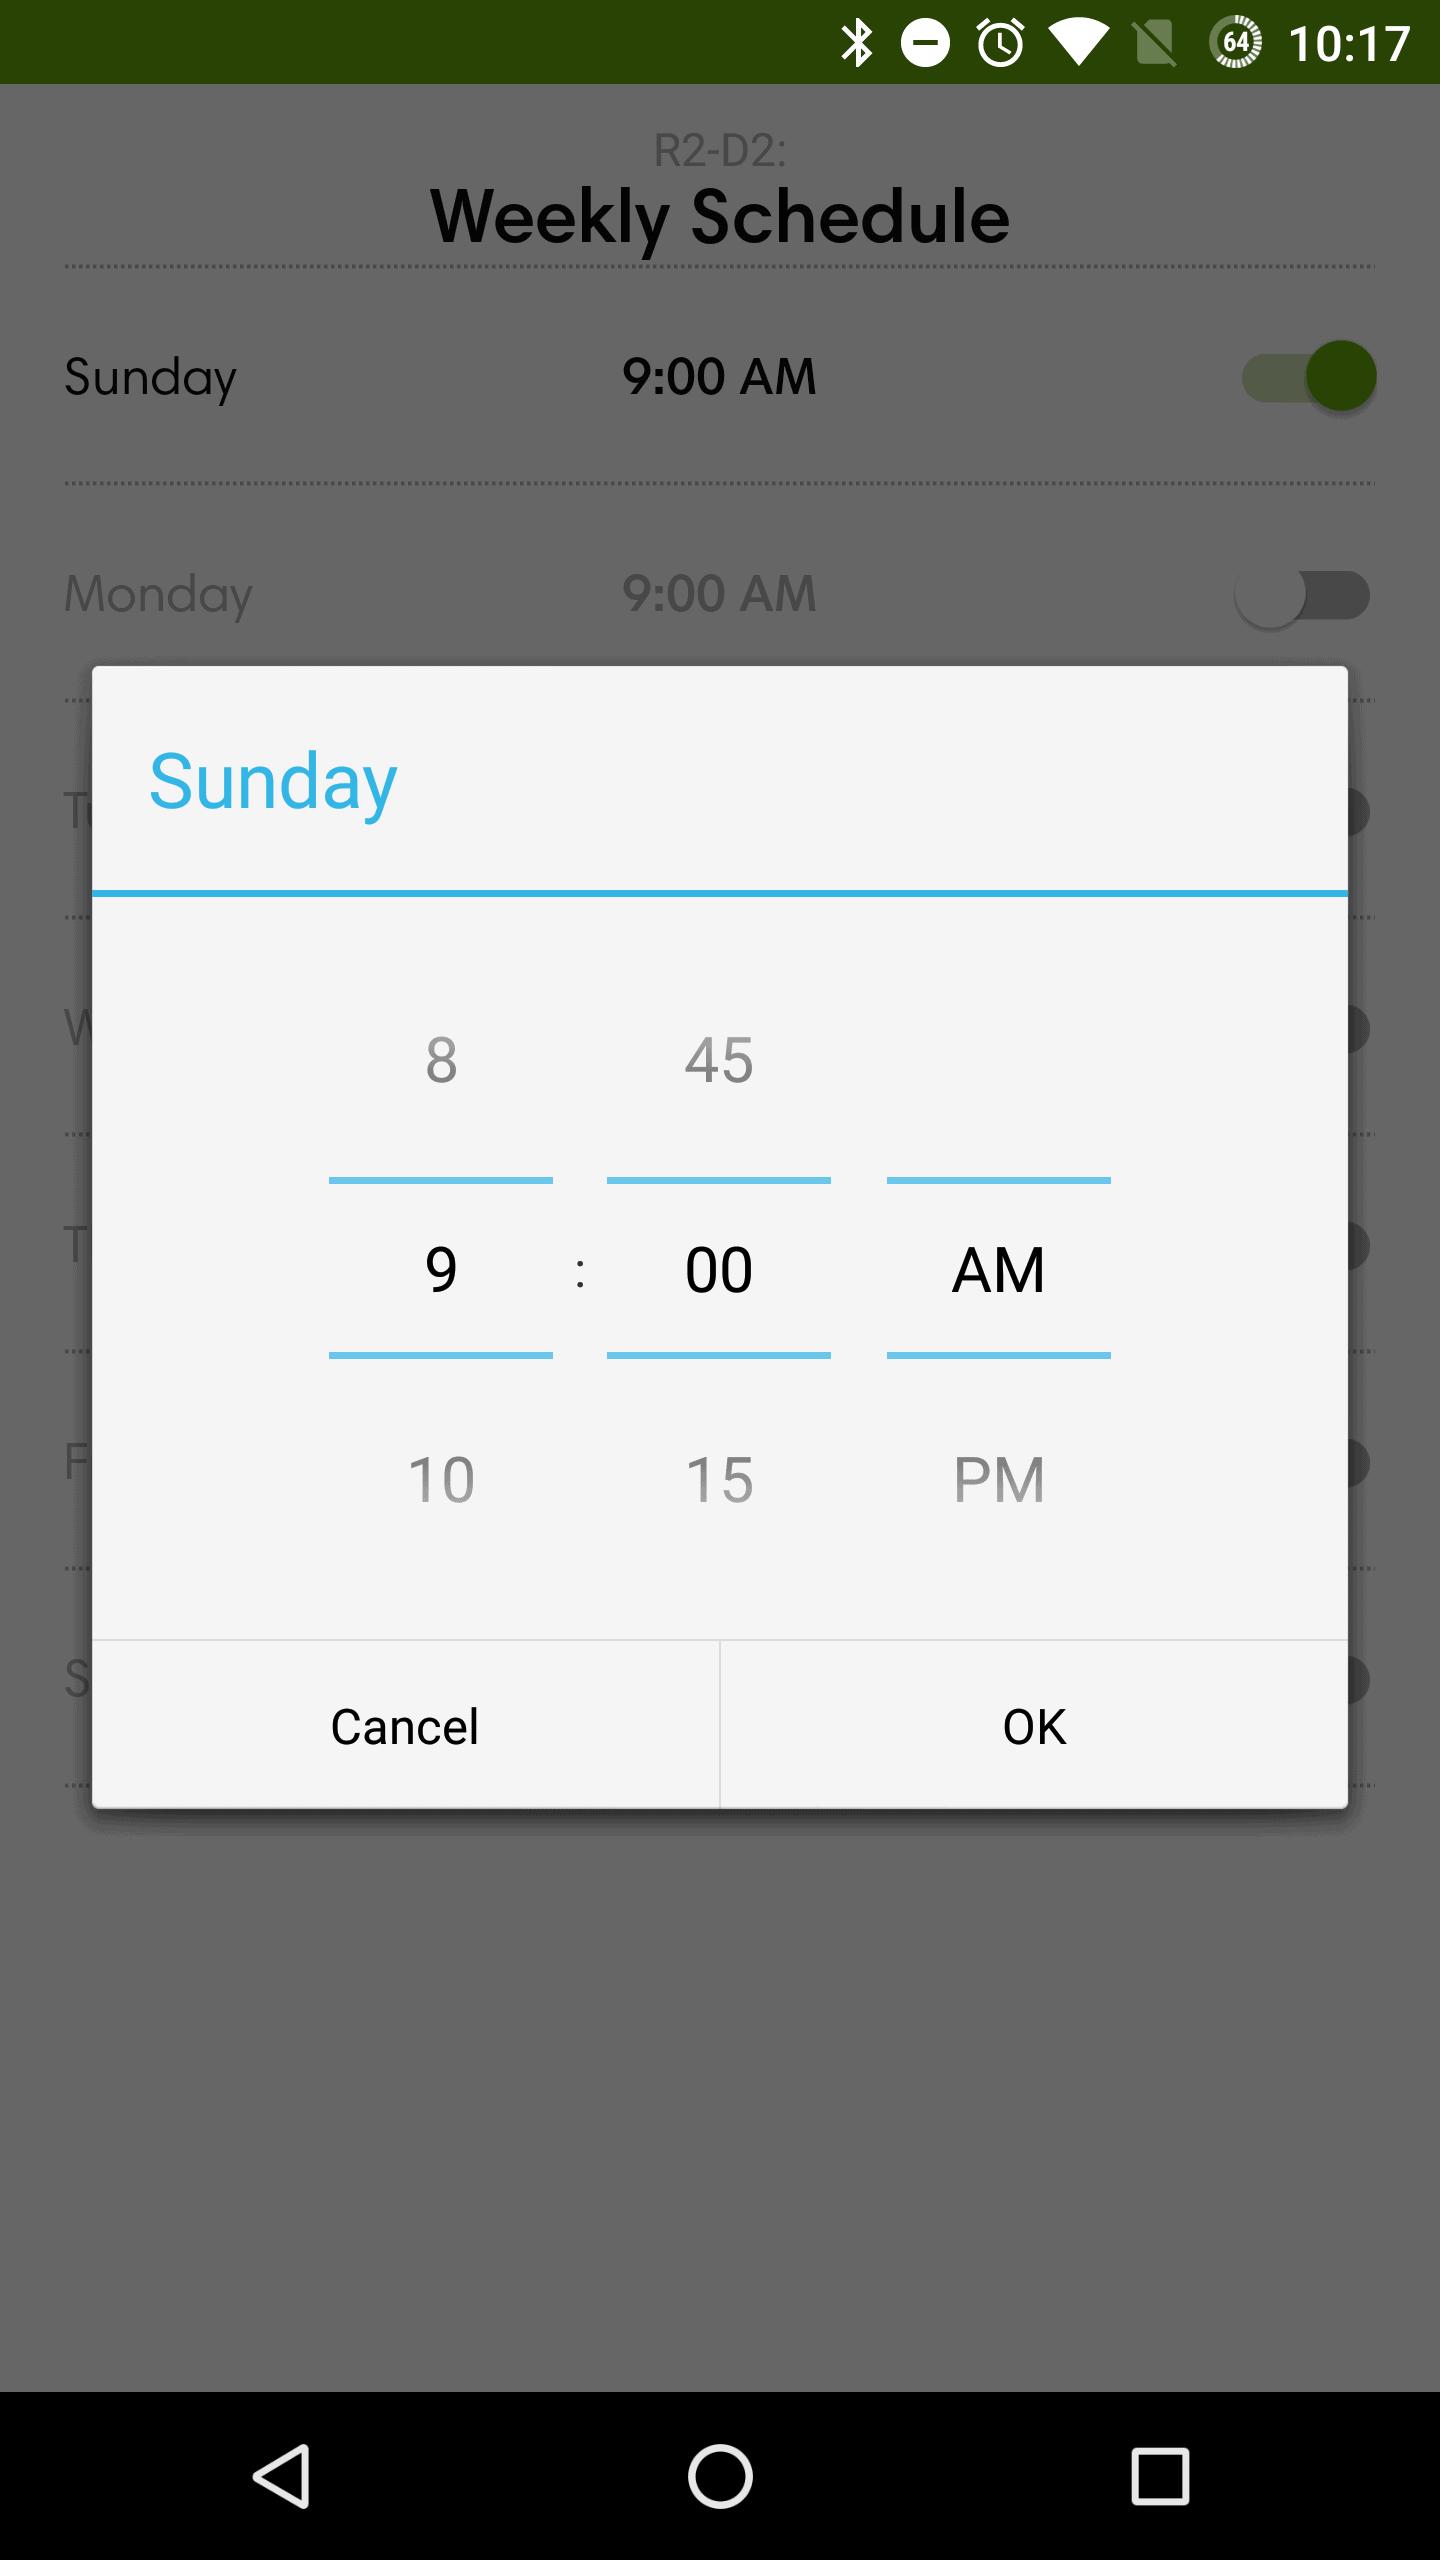 iRobot Roomba 980 AH NS app schedule 2